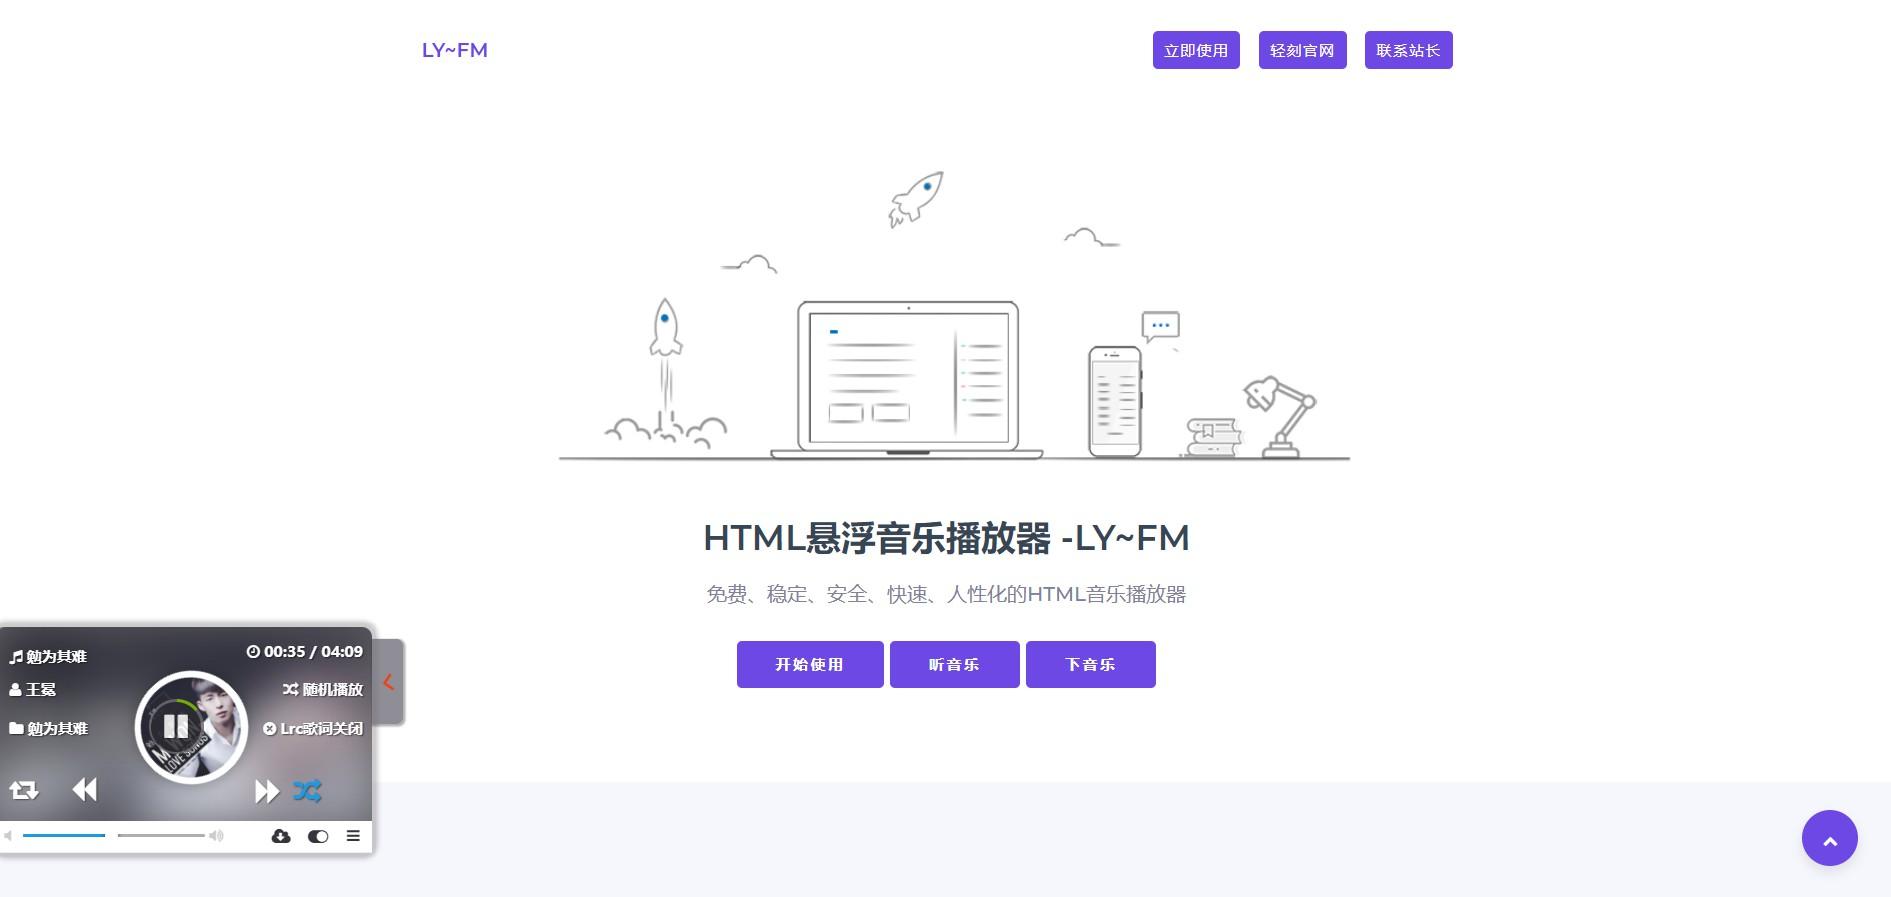 一款简约的HTML悬浮音乐播放器,支持多网站音乐解析